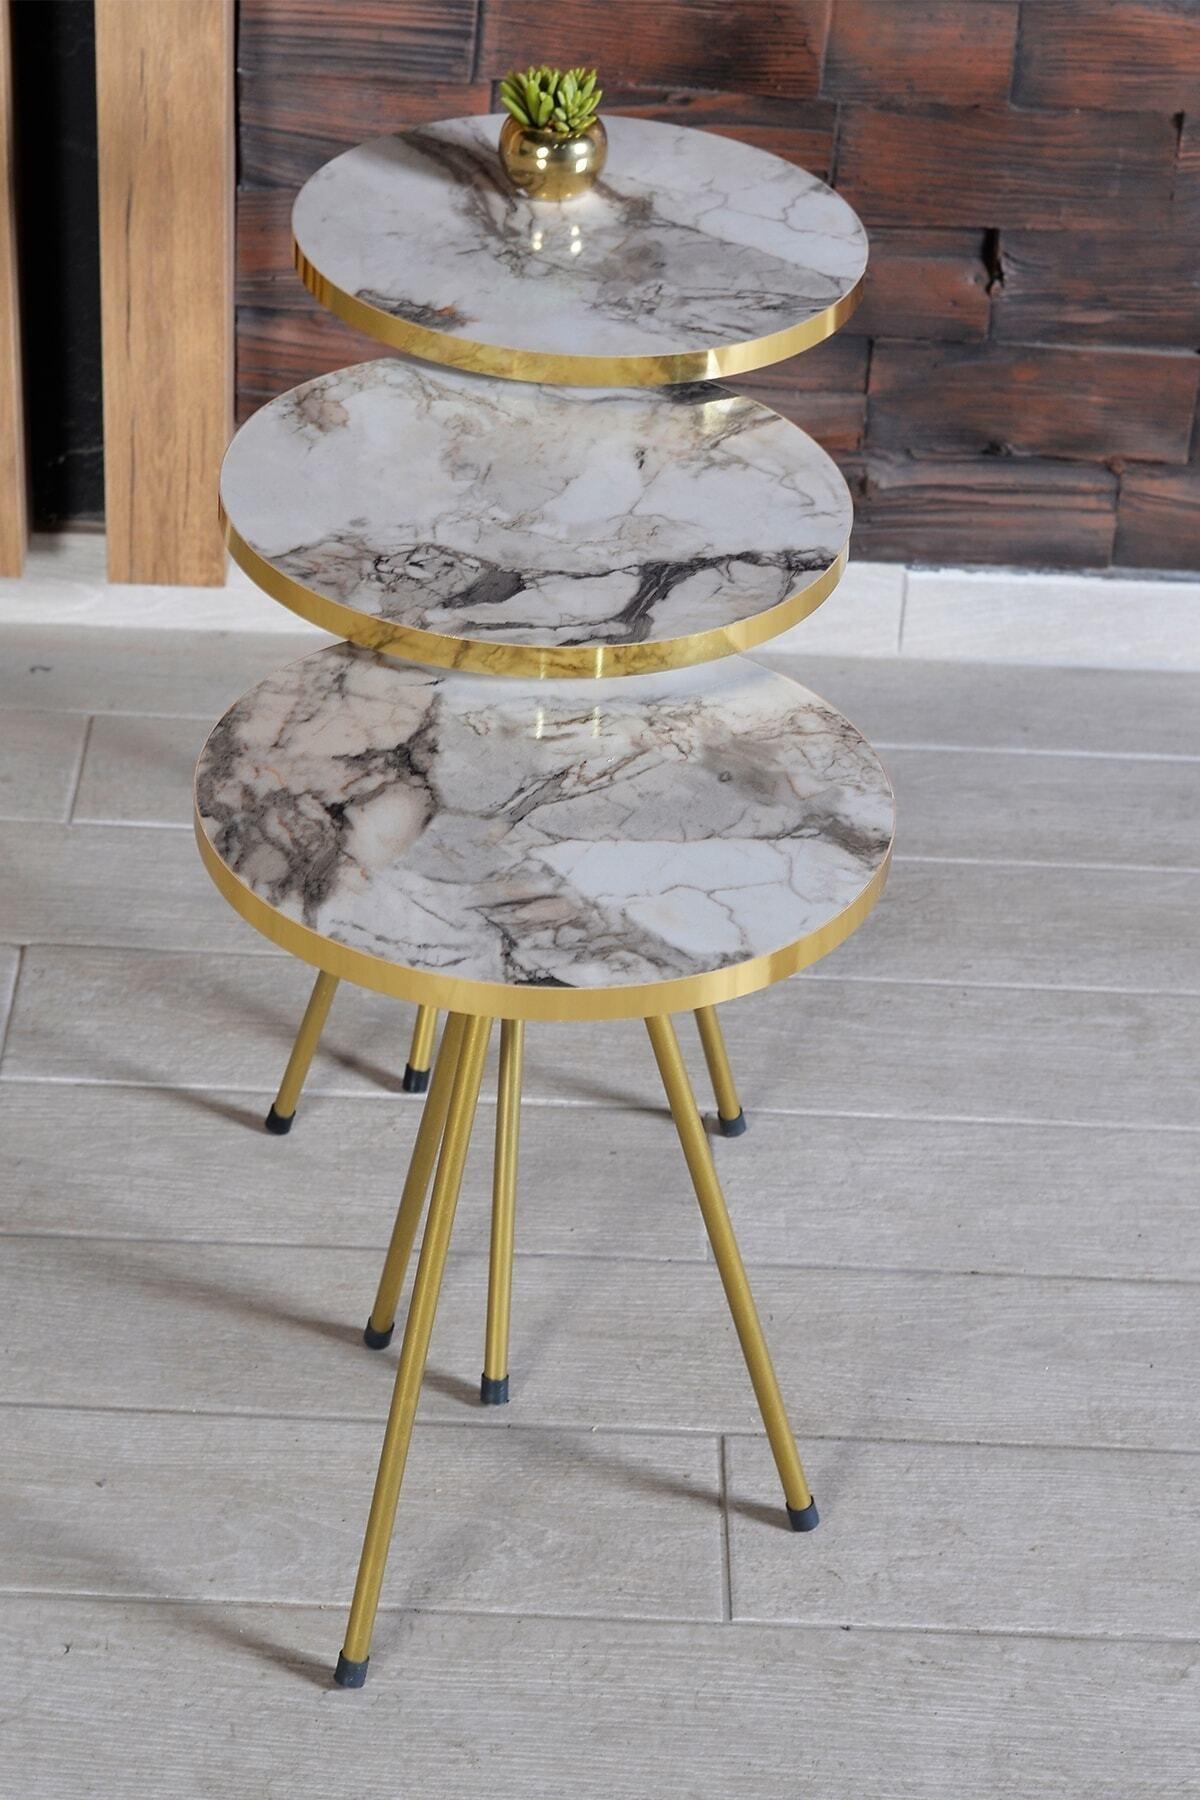 Современный Zigon Кофе стол 3 шт. скандинавском стиле с металлическим носком золотистого цвета на крепление боковой Кофе стол Чай Кофе Услуги ...